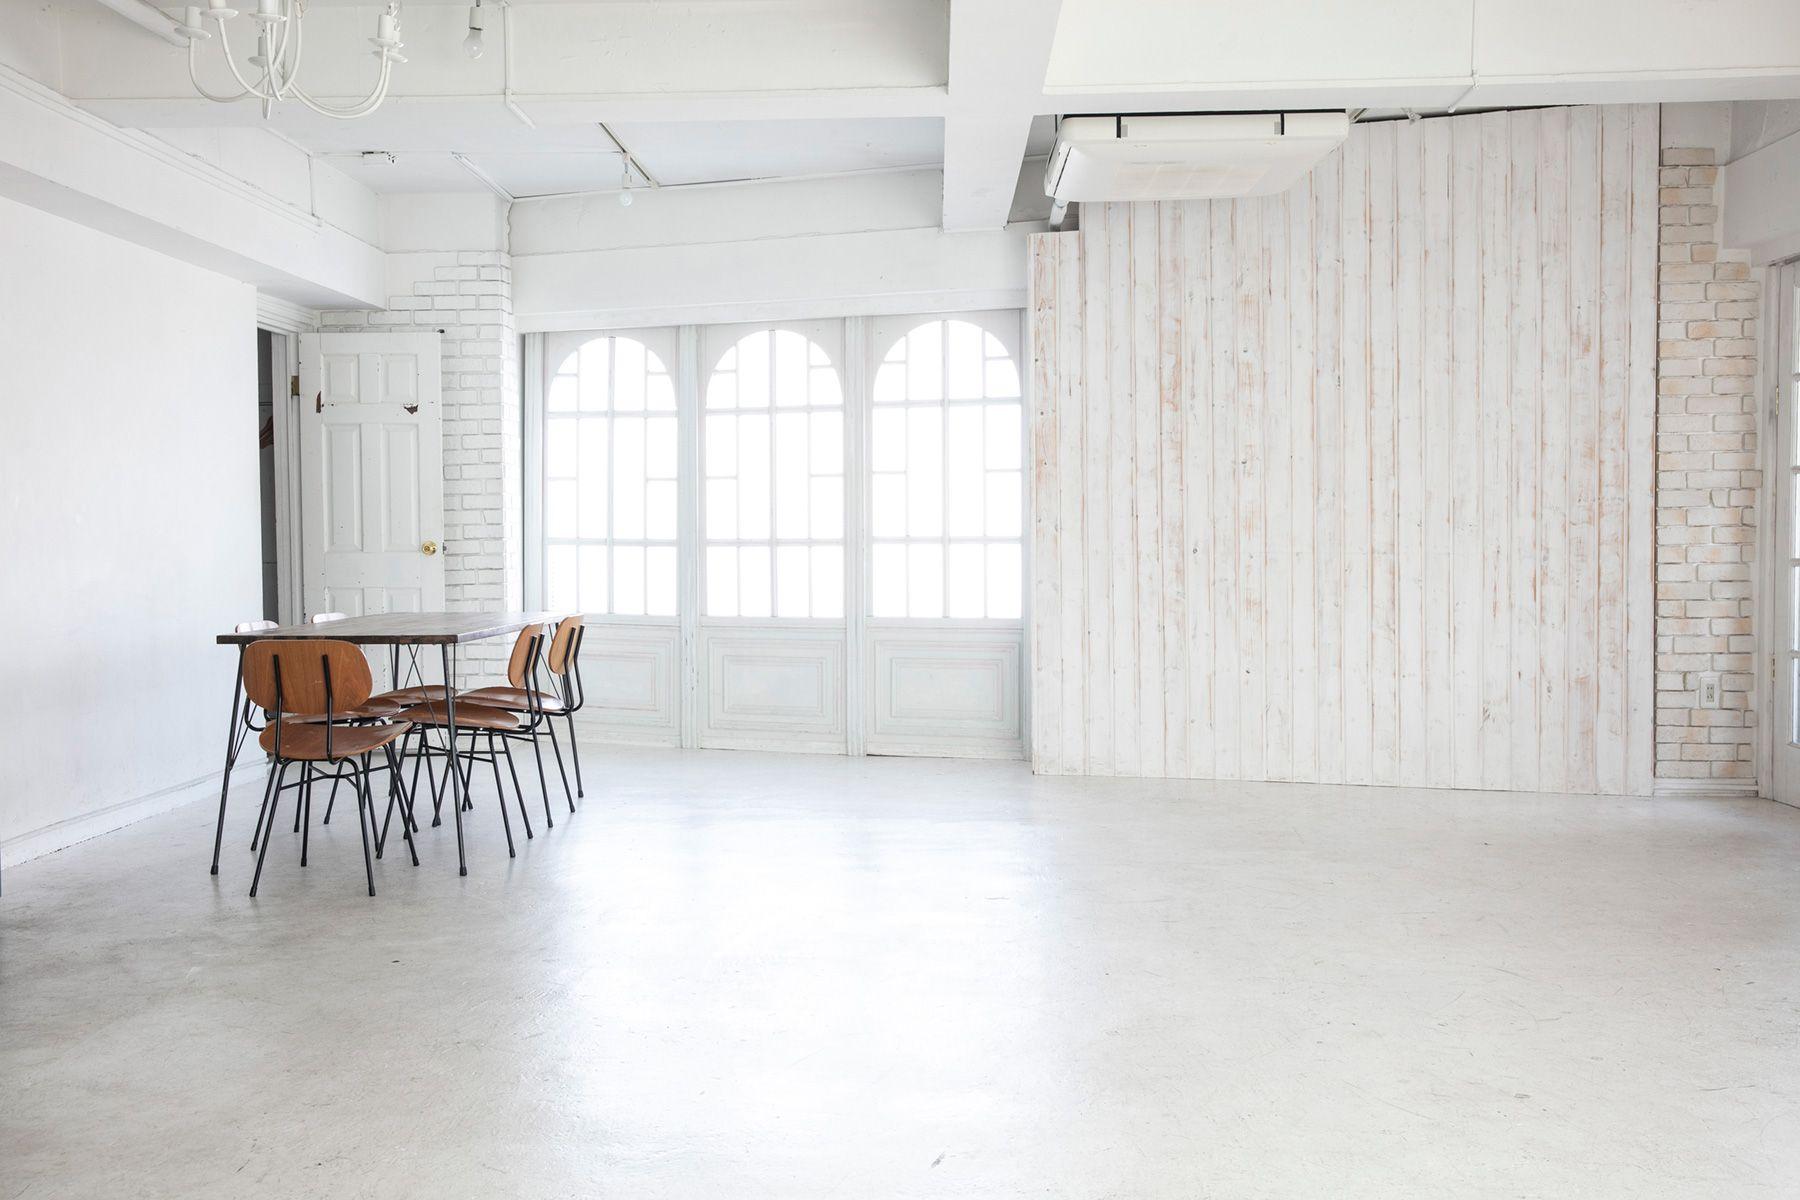 studio Mired (スタジオ ミレッド)ニュアンスのある白壁